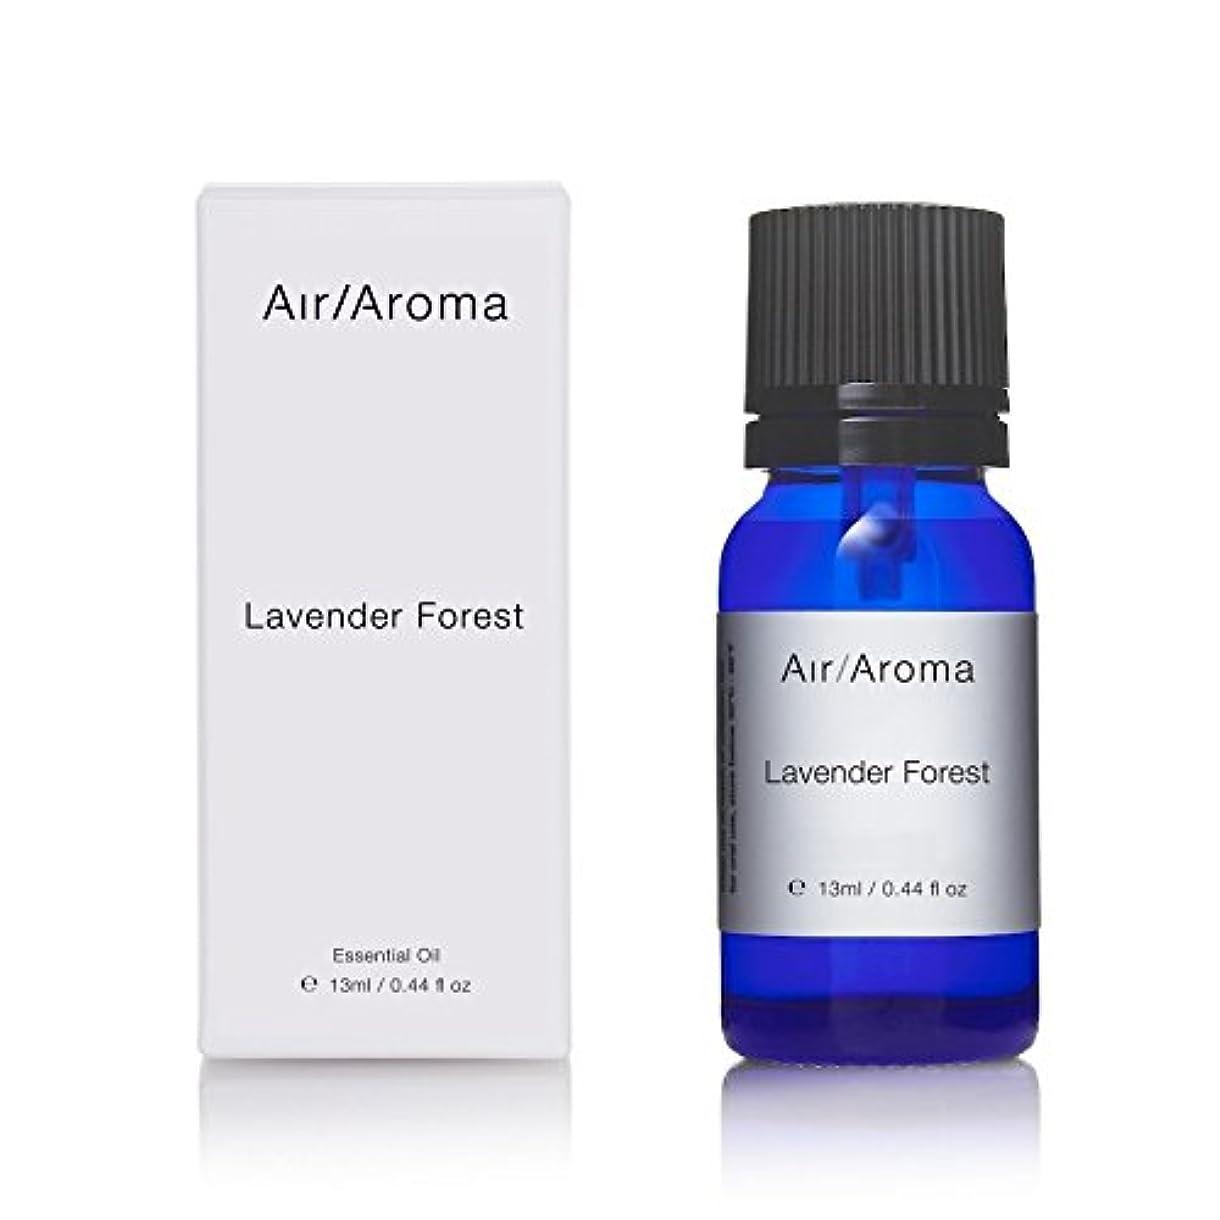 無効にするタクト強いますエアアロマ lavender forest (ラベンダーフォレスト) 13ml